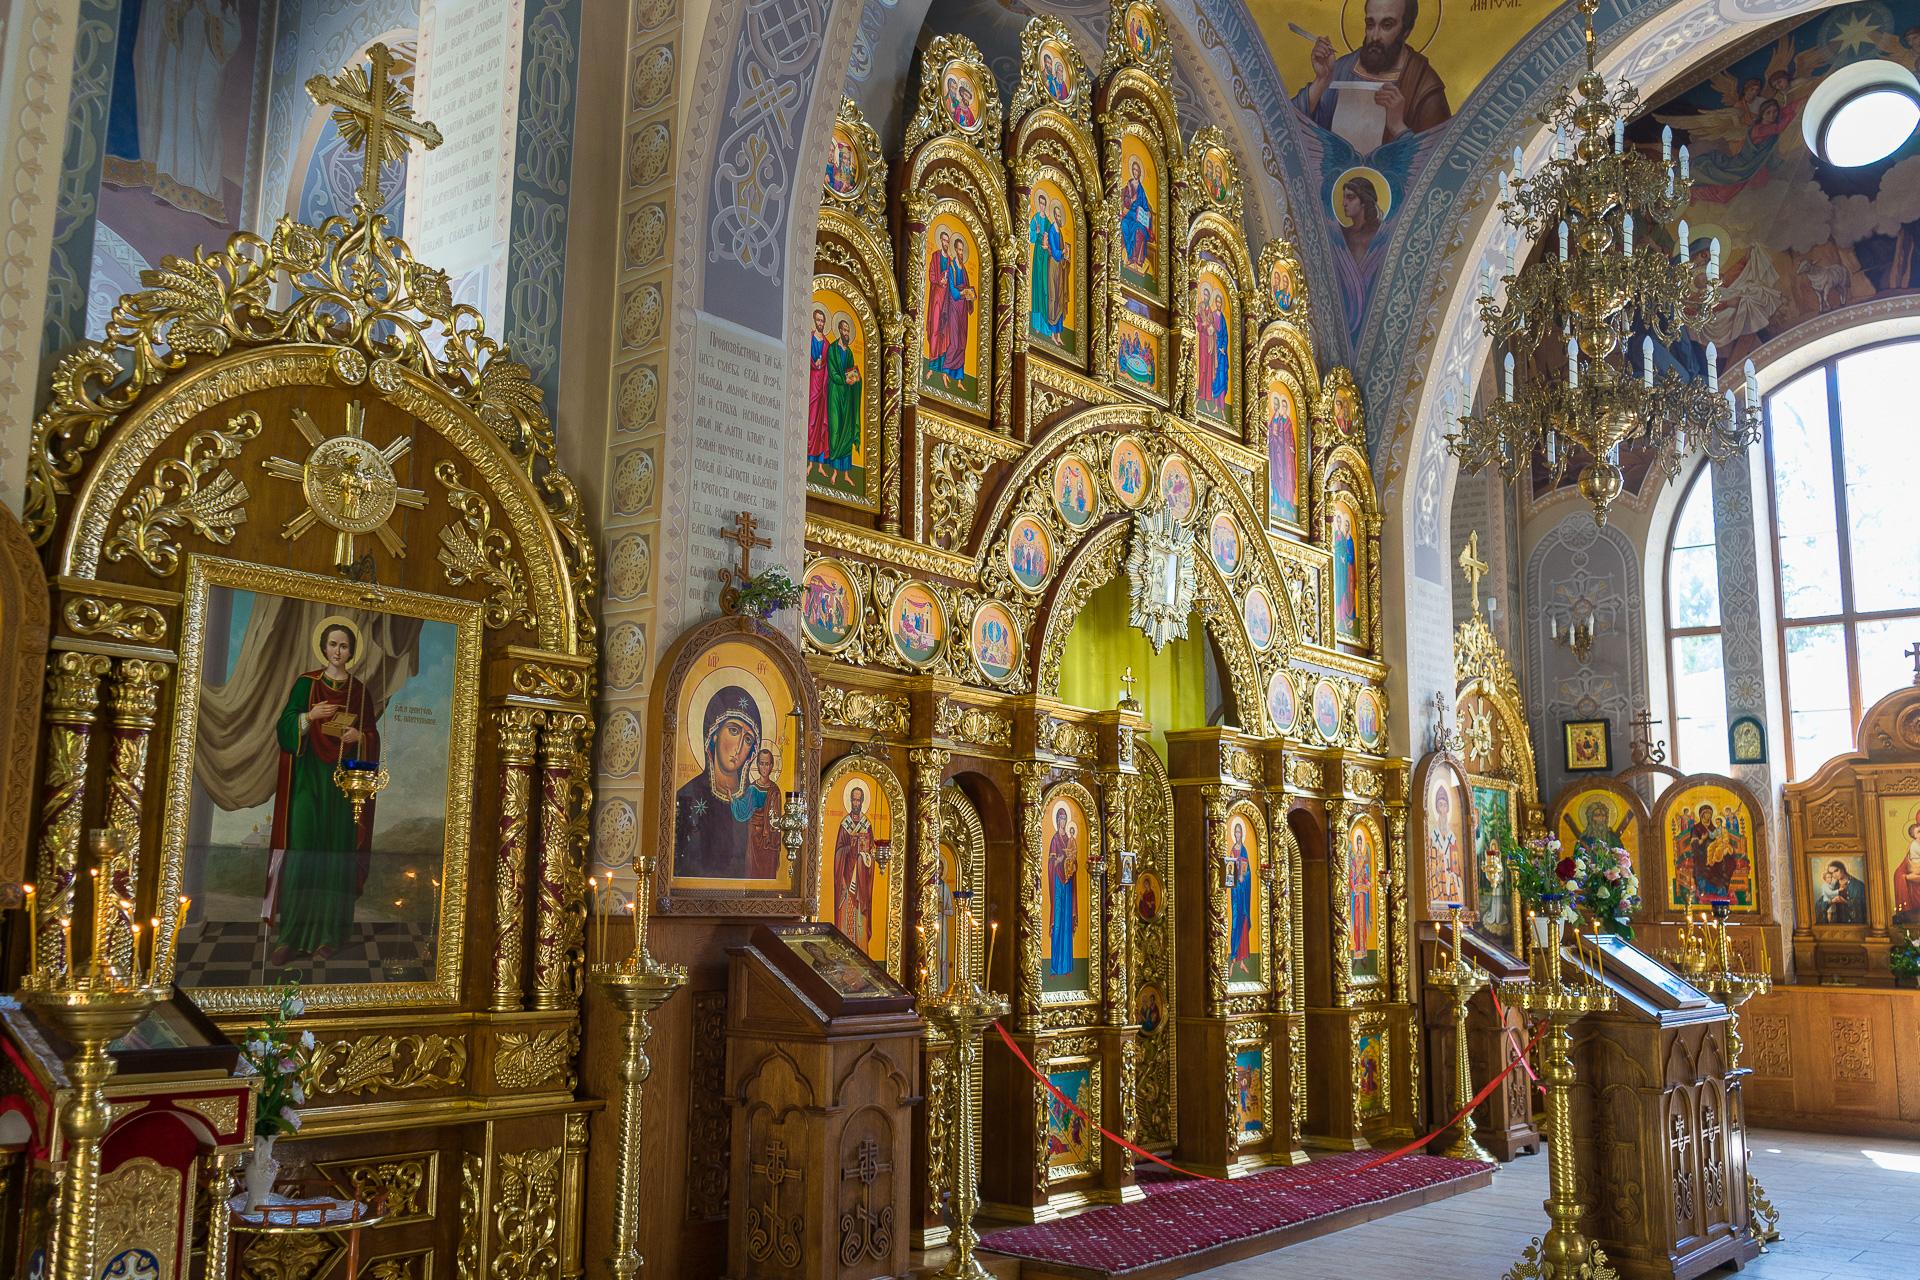 Oreanda, Krim